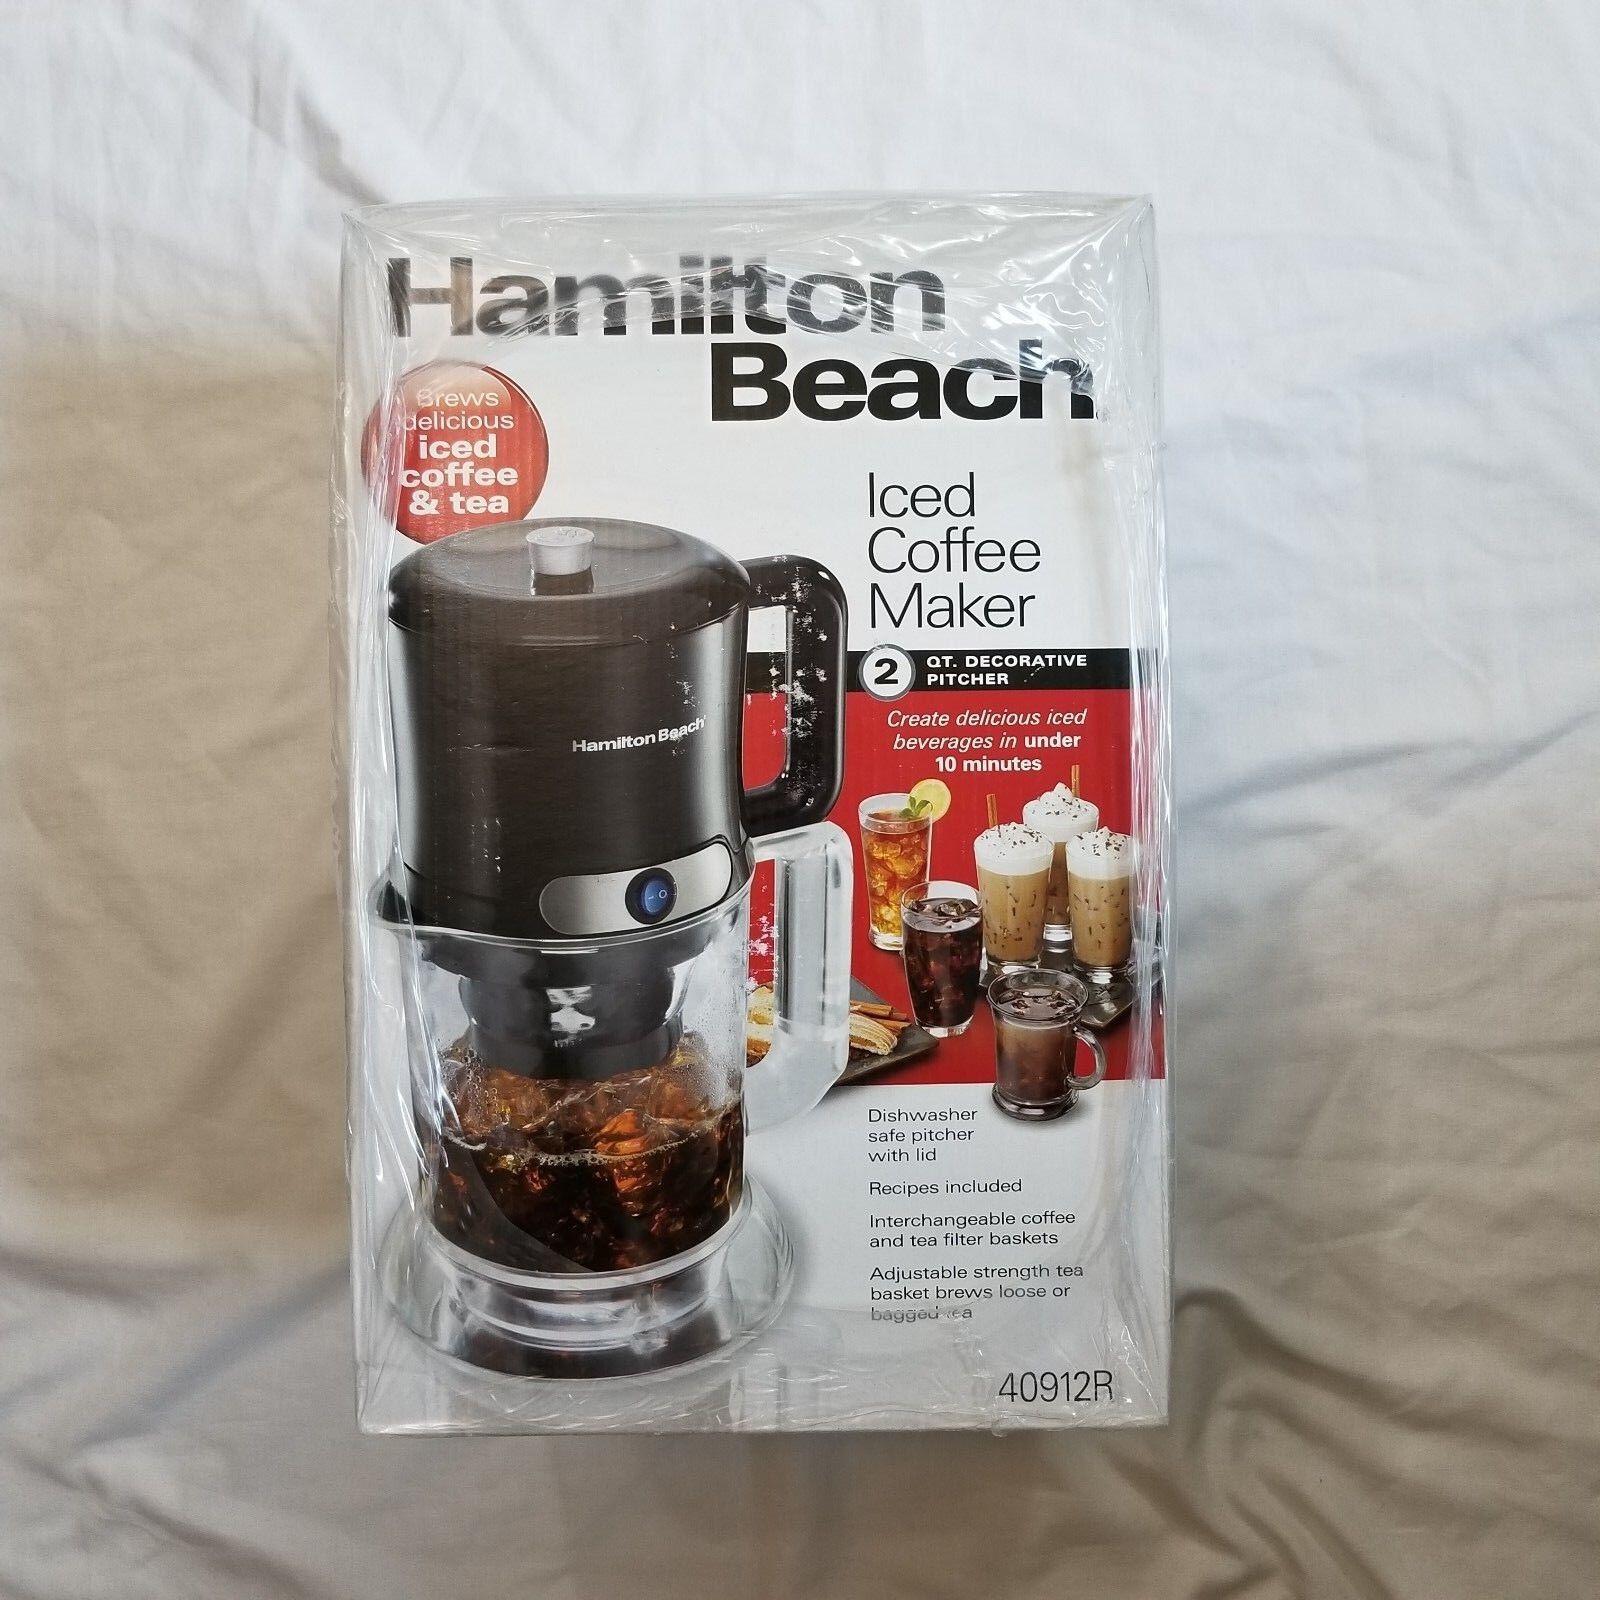 Hamilton Beach Iced Coffee/Tea Maker Model 40912